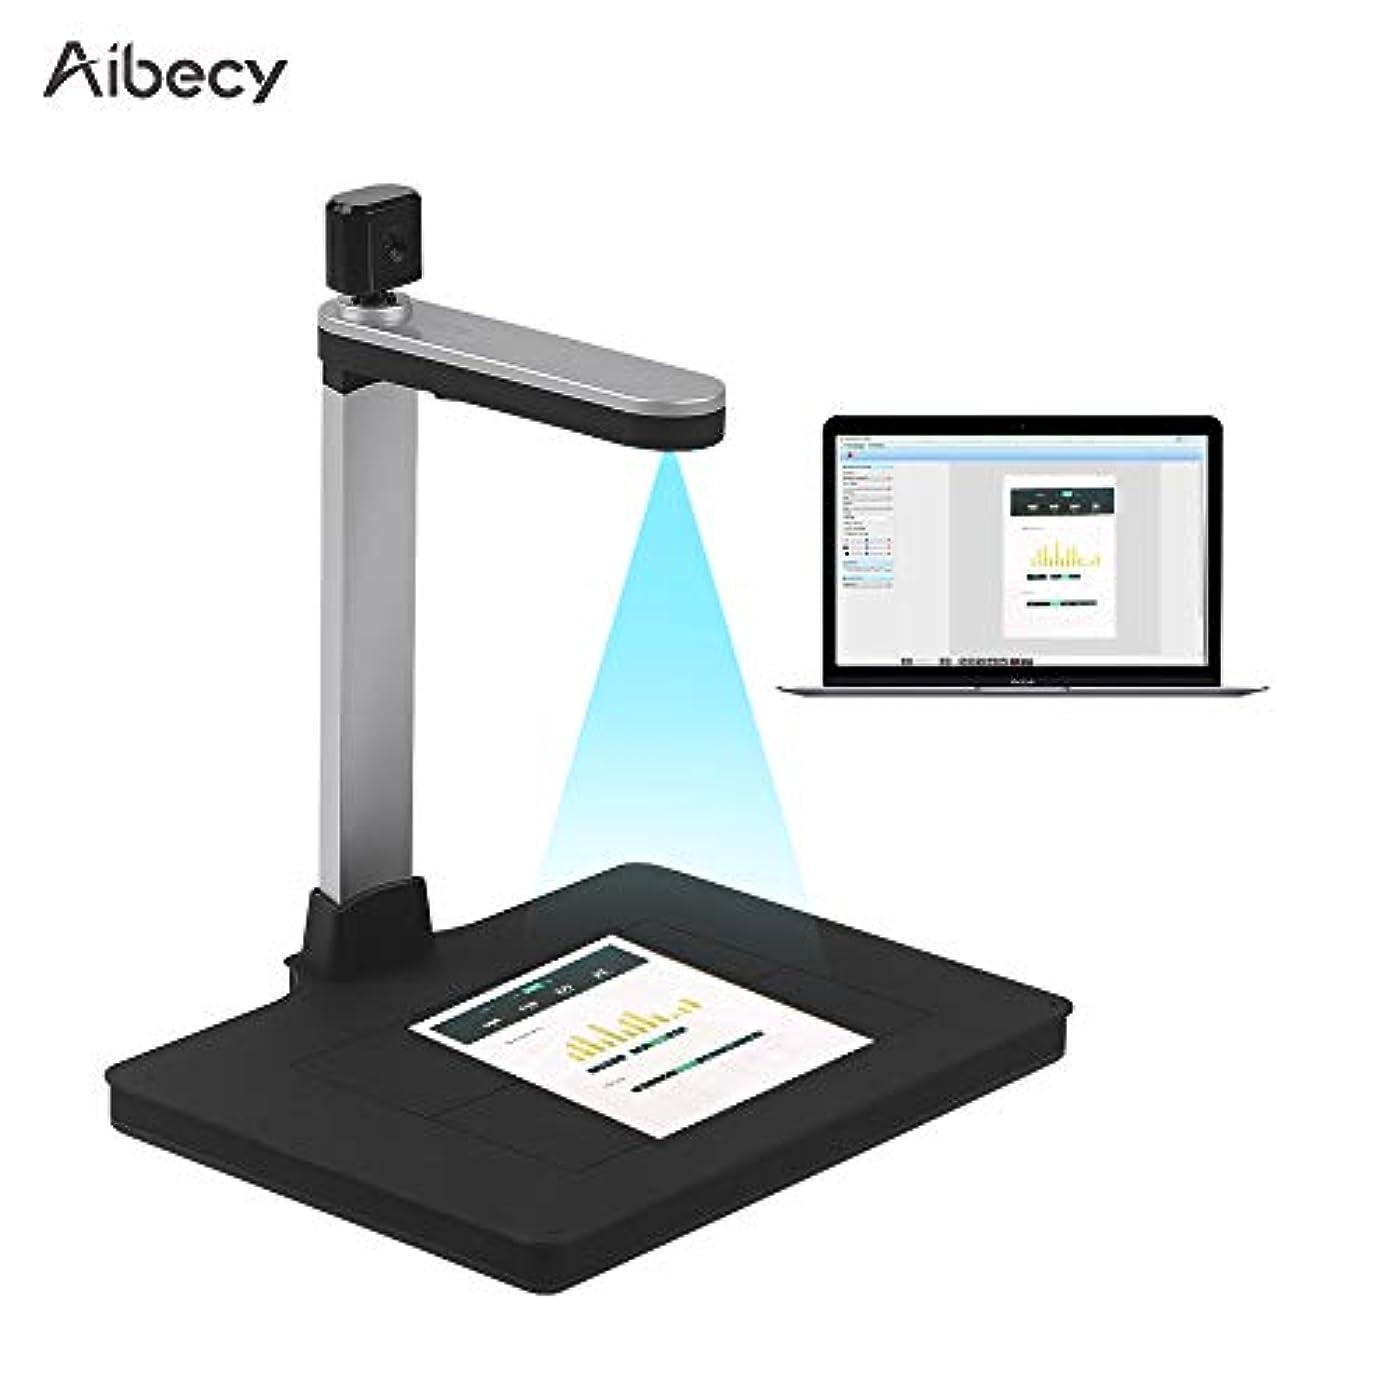 旅ベース水分Aibecy A4 スキャナー デュアルカメラ 高画質ドキュメントスキャナー 1000万画素 自動補正 ビデオ録画 LEDフィルライト